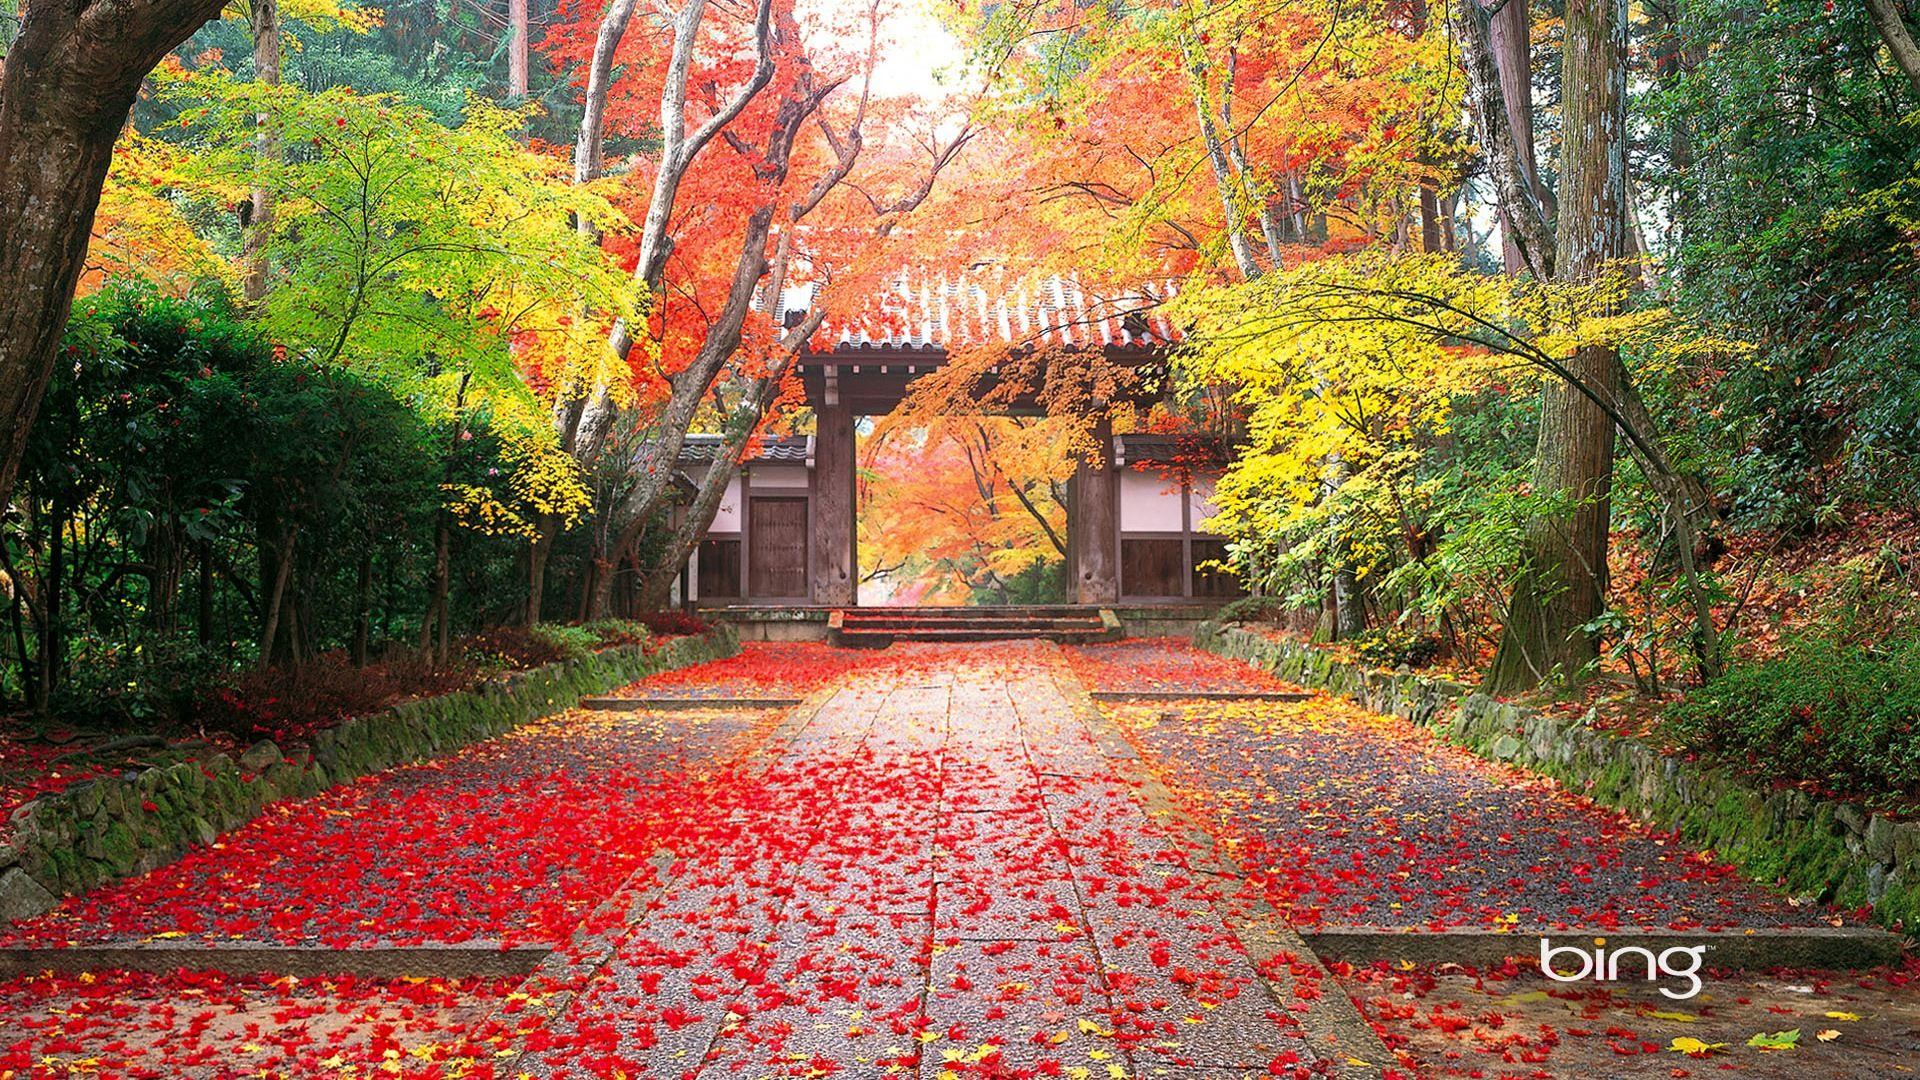 マイクロソフトbing Hdの壁紙 日本の風景テーマの壁紙 1 19x1080 壁紙ダウンロード マイクロソフトbing Hdの壁紙 日本の風景テーマの壁紙 システム 壁紙 風景 風景の壁紙 庭作りのアイデア